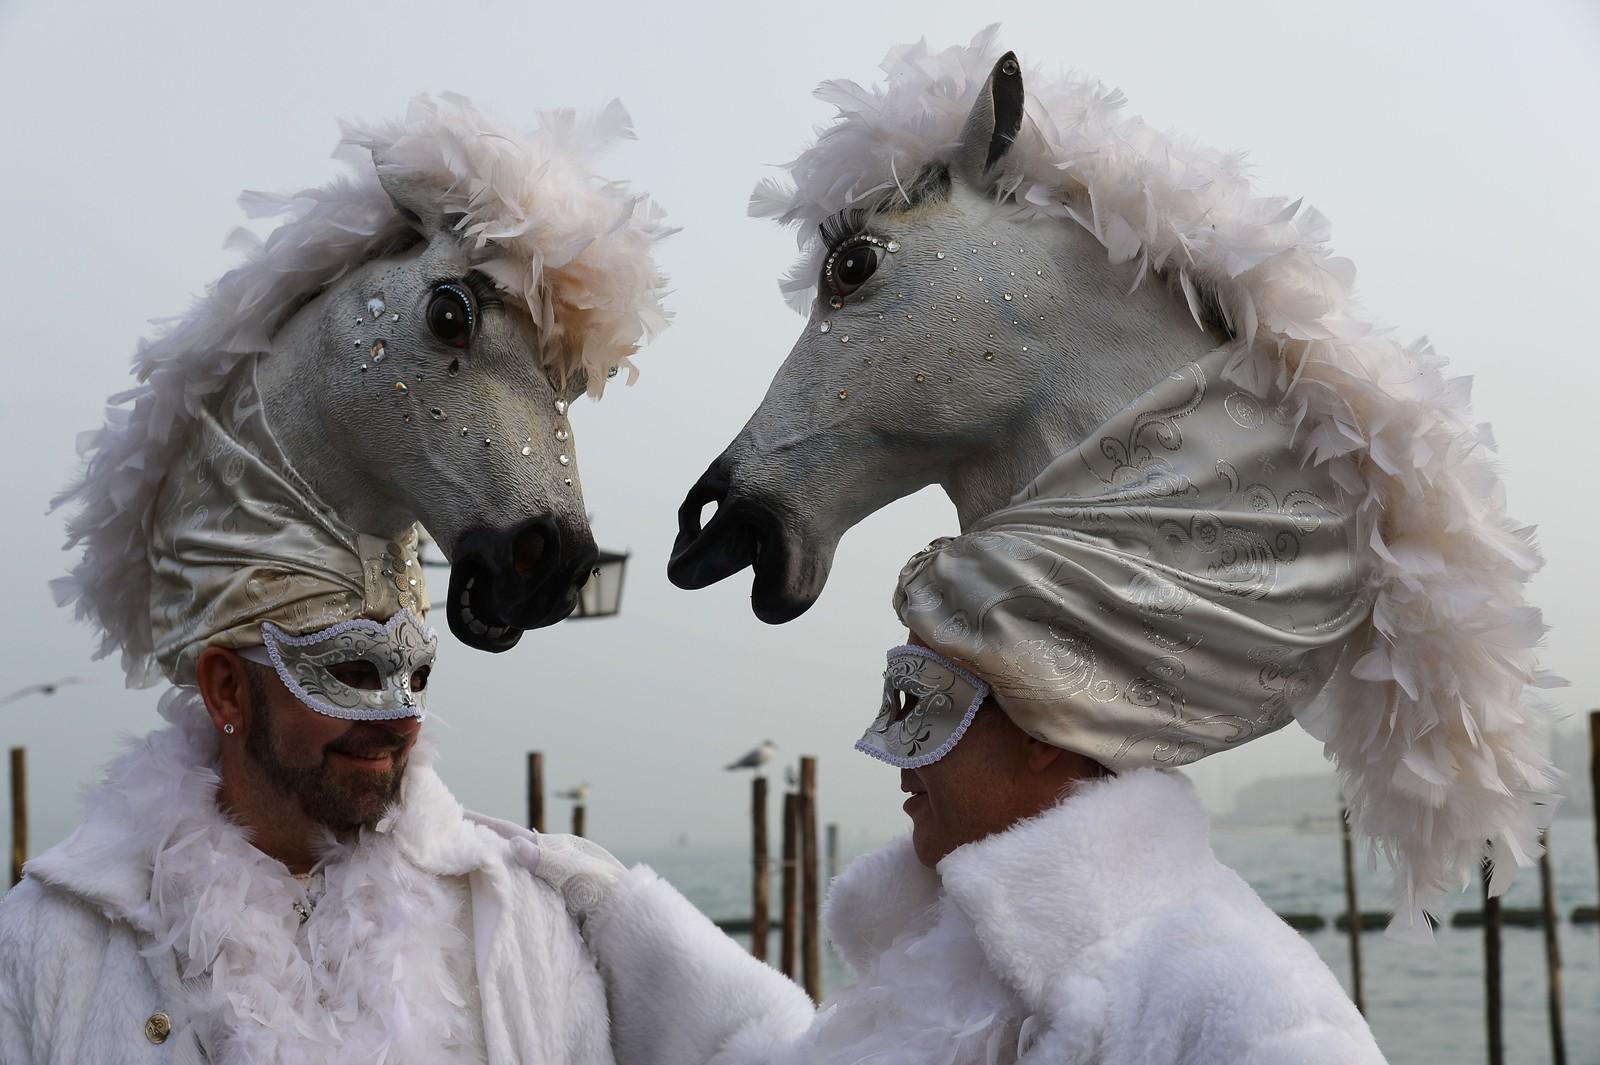 Det er karnevaltid, og dette bildet er tatt i Venezia der feiringa starta forrige helg.